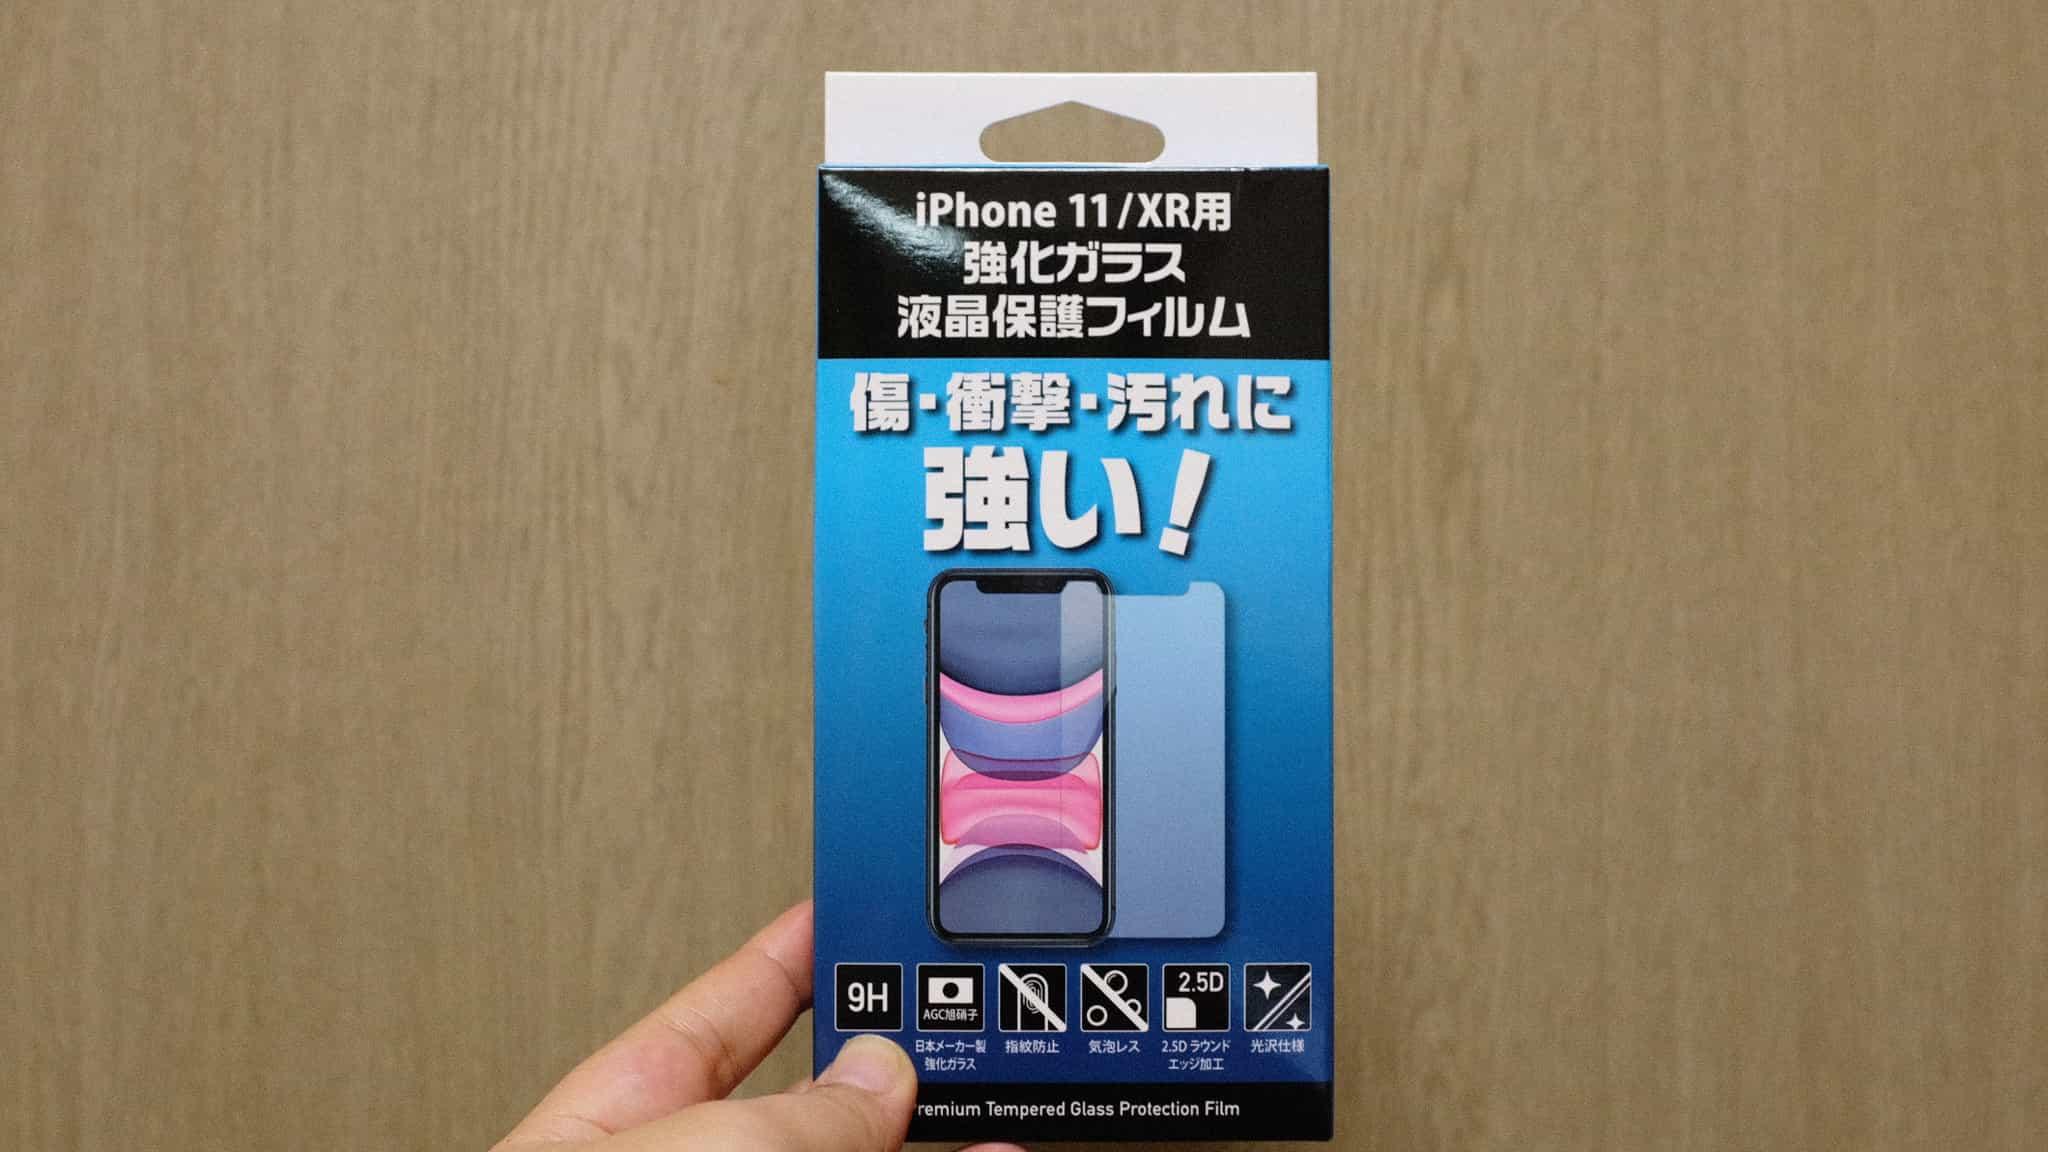 ワンコインで買える!?愛用しているiPhone用ガラスフィルム